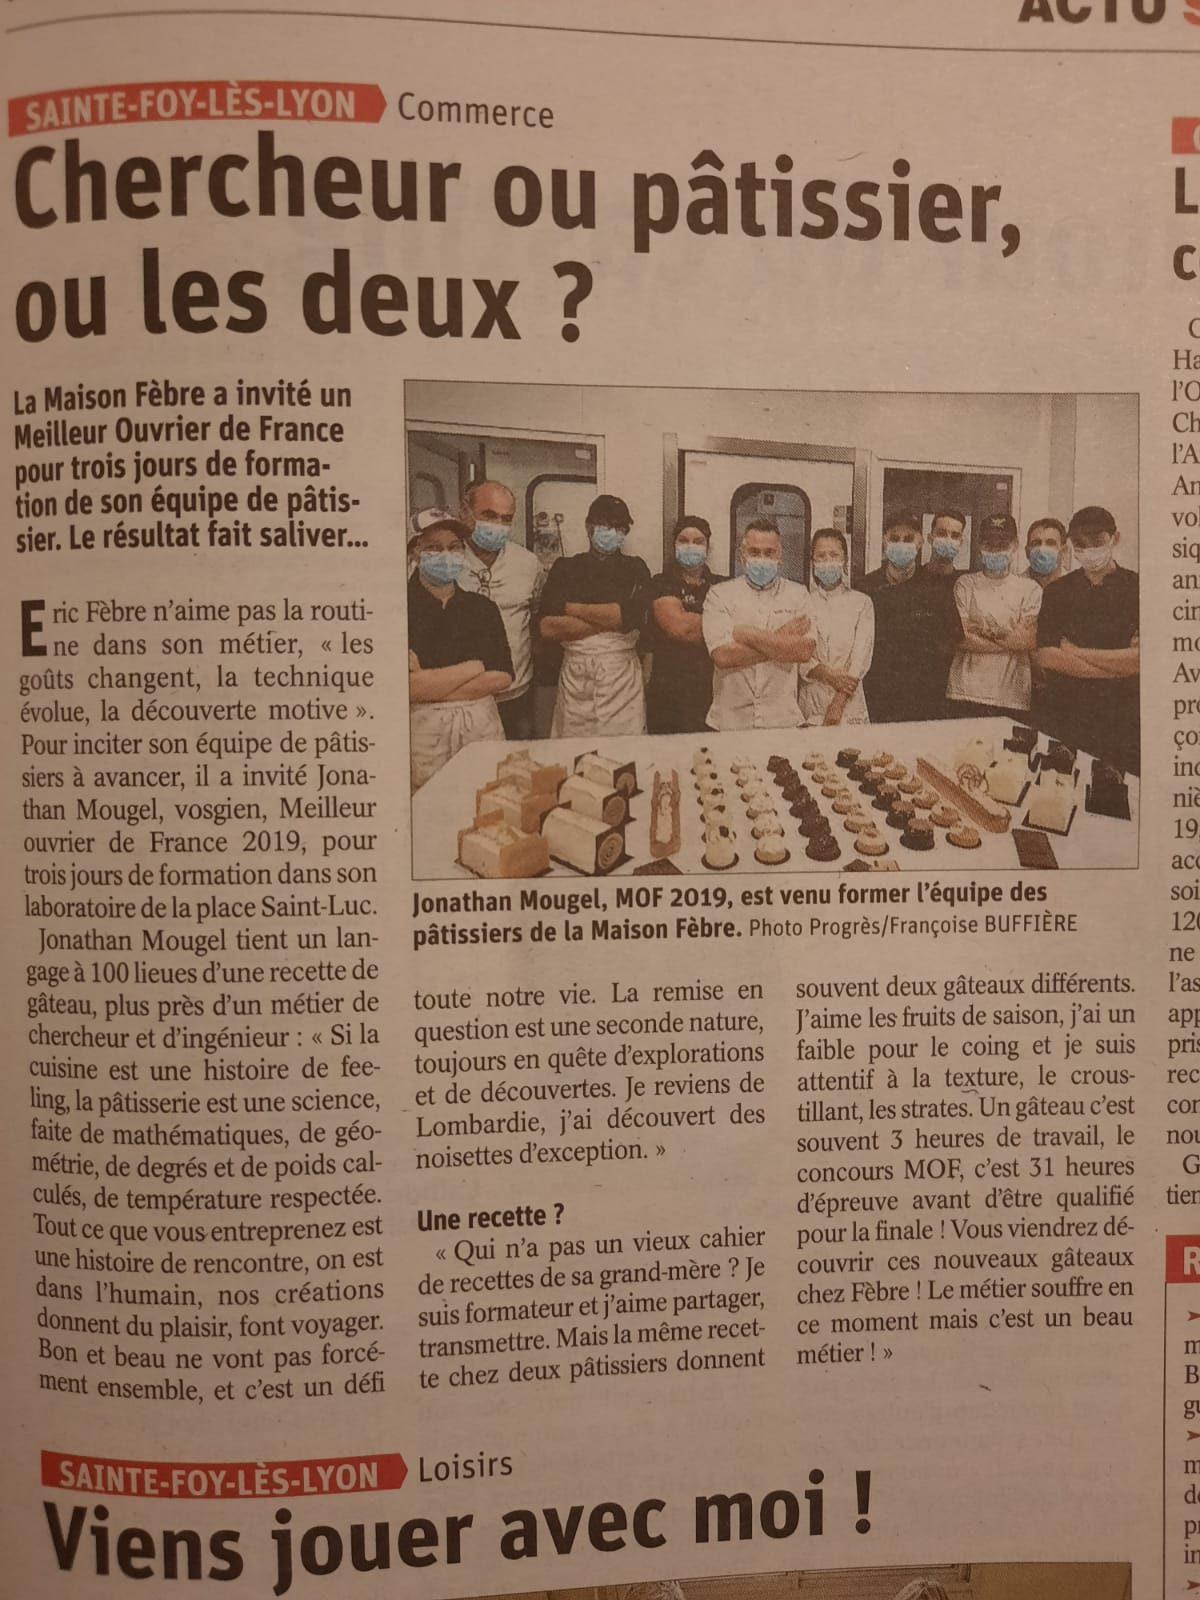 La maison FÈBRE a invité un Meilleur Ouvrier de France